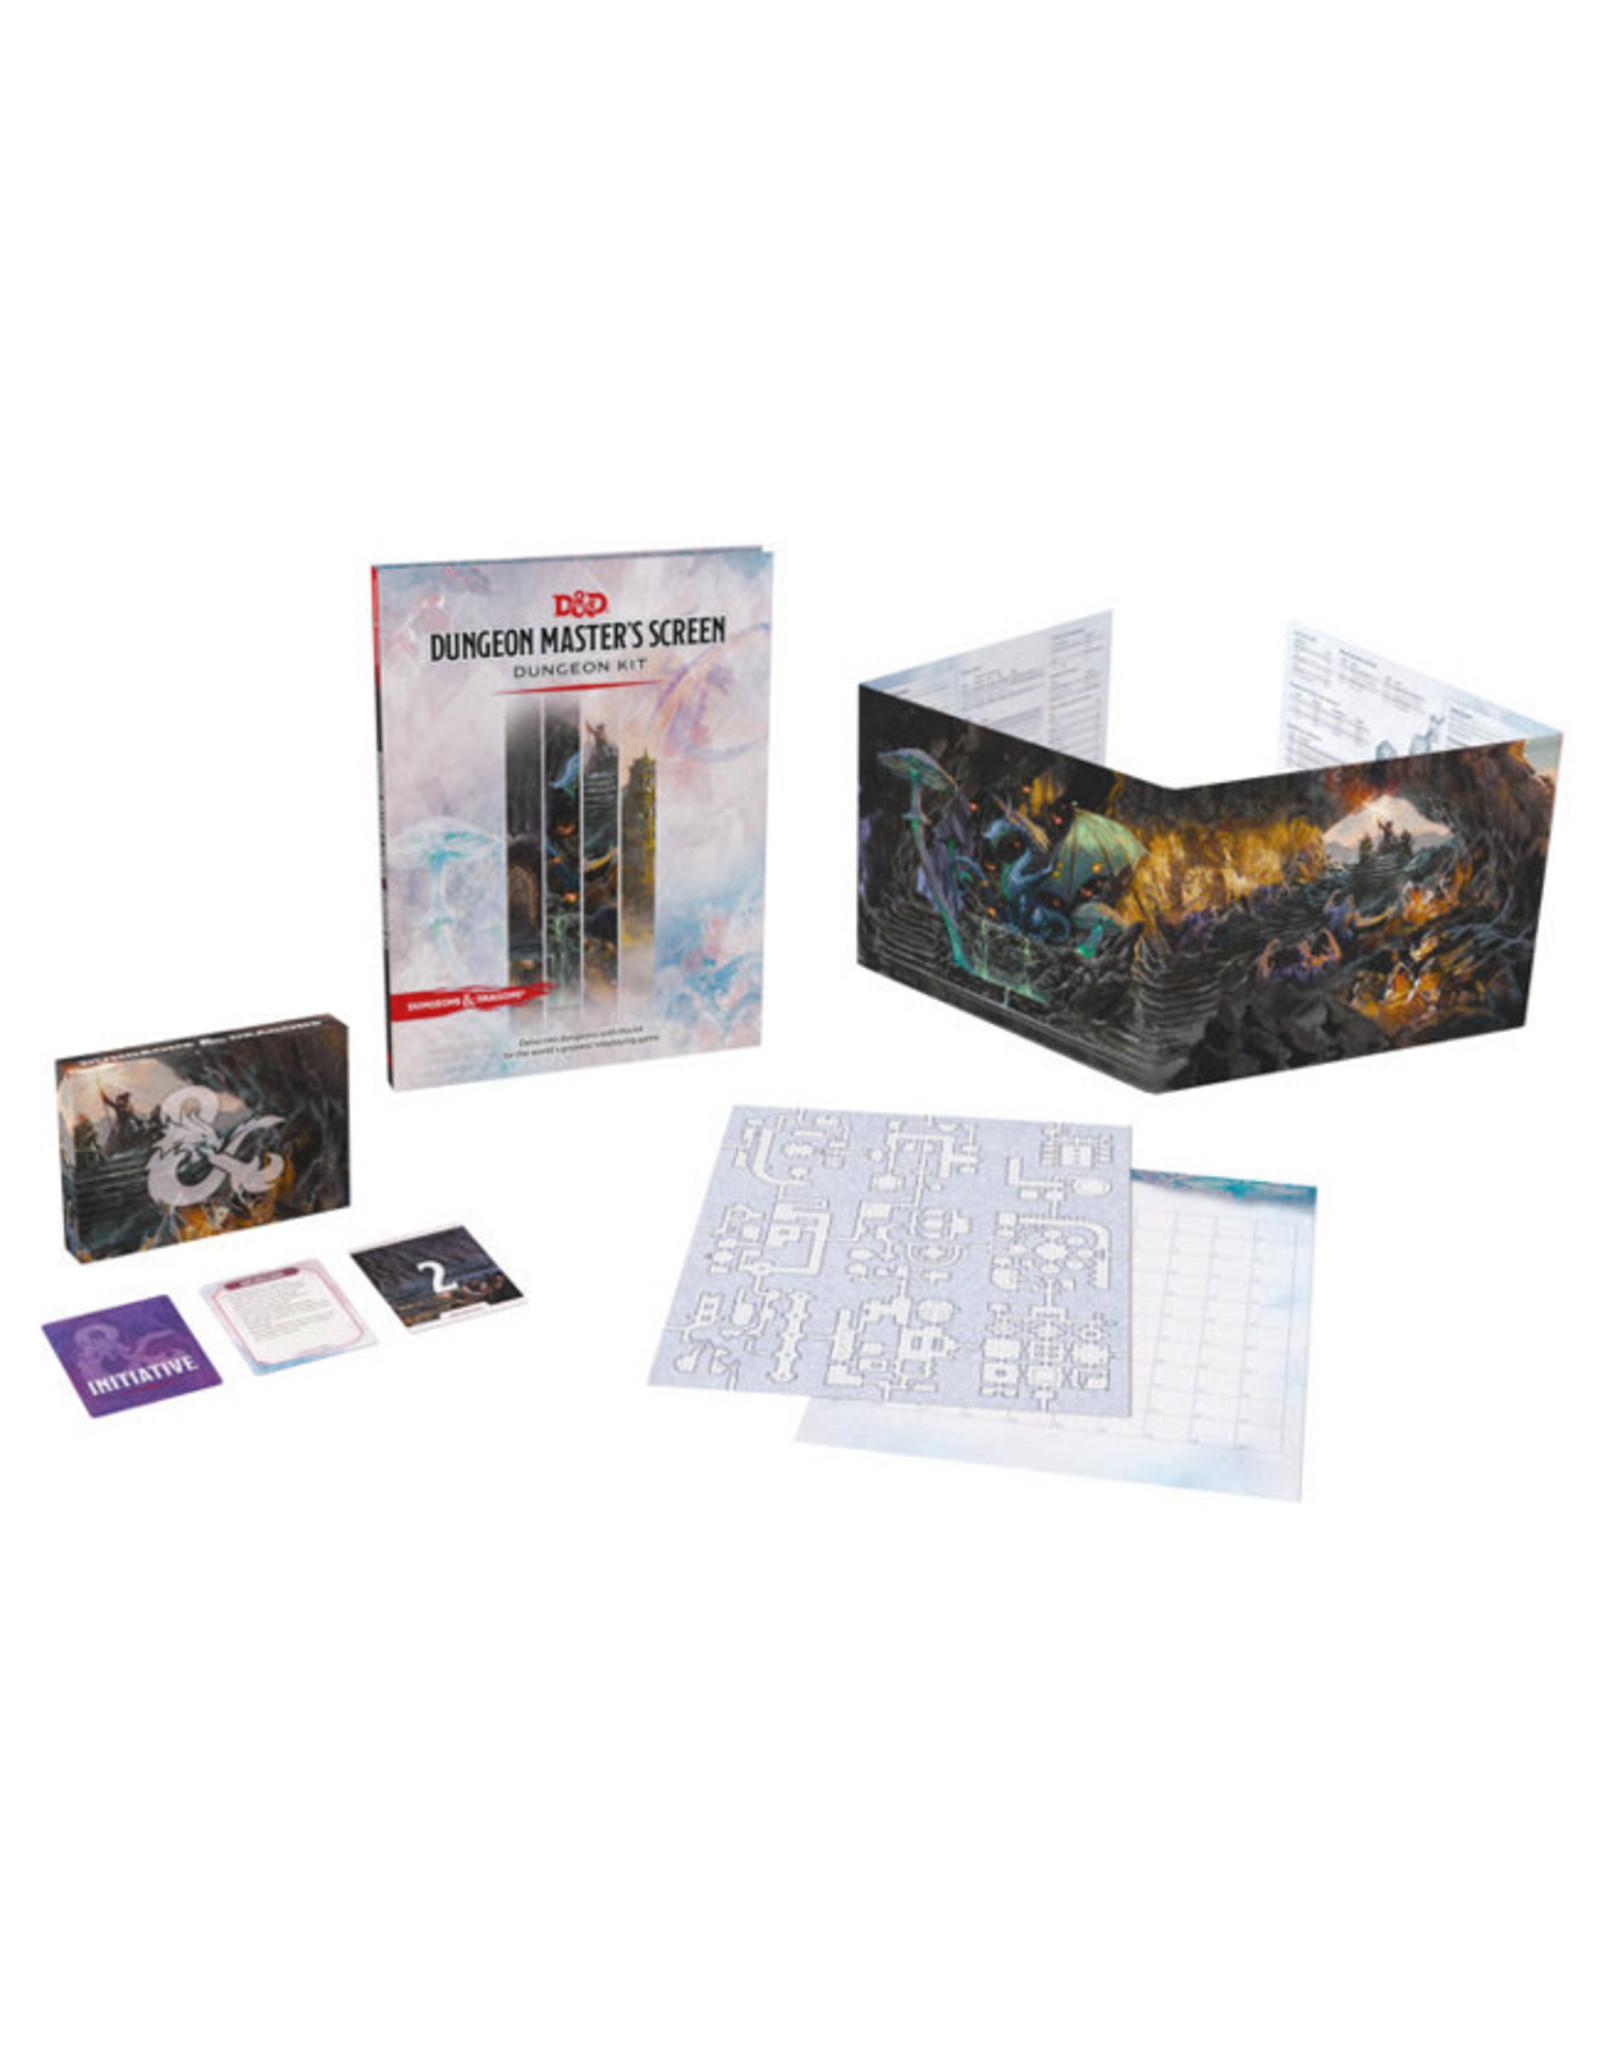 Dungeons & Dragons D&D 5E: DM's Screen Dungeon Kit